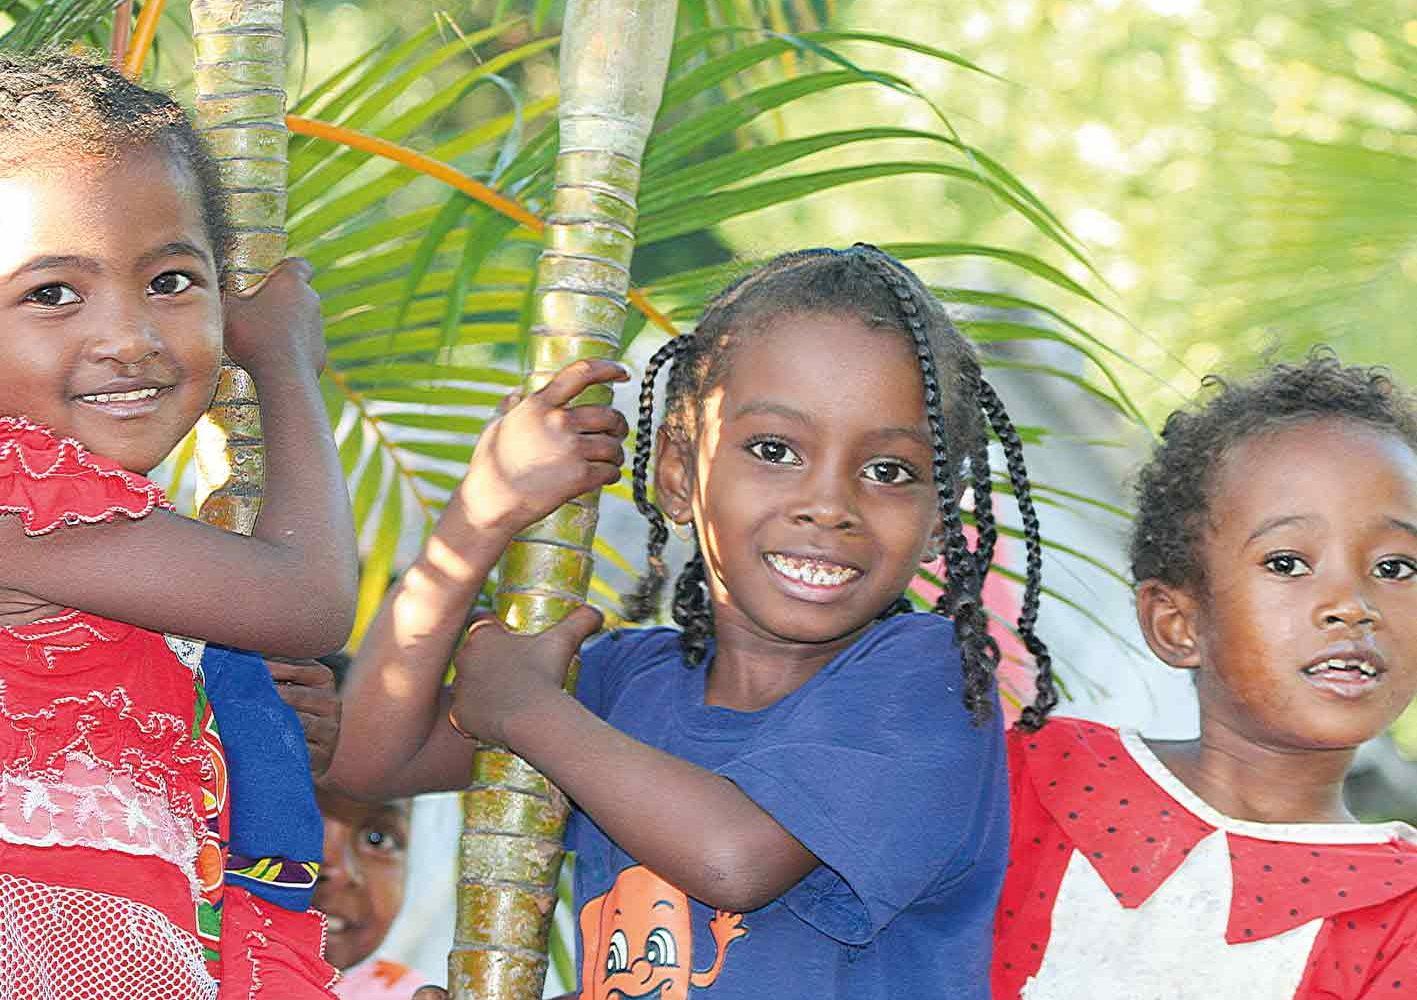 Herzliche Begegnungen auf Madagaskar